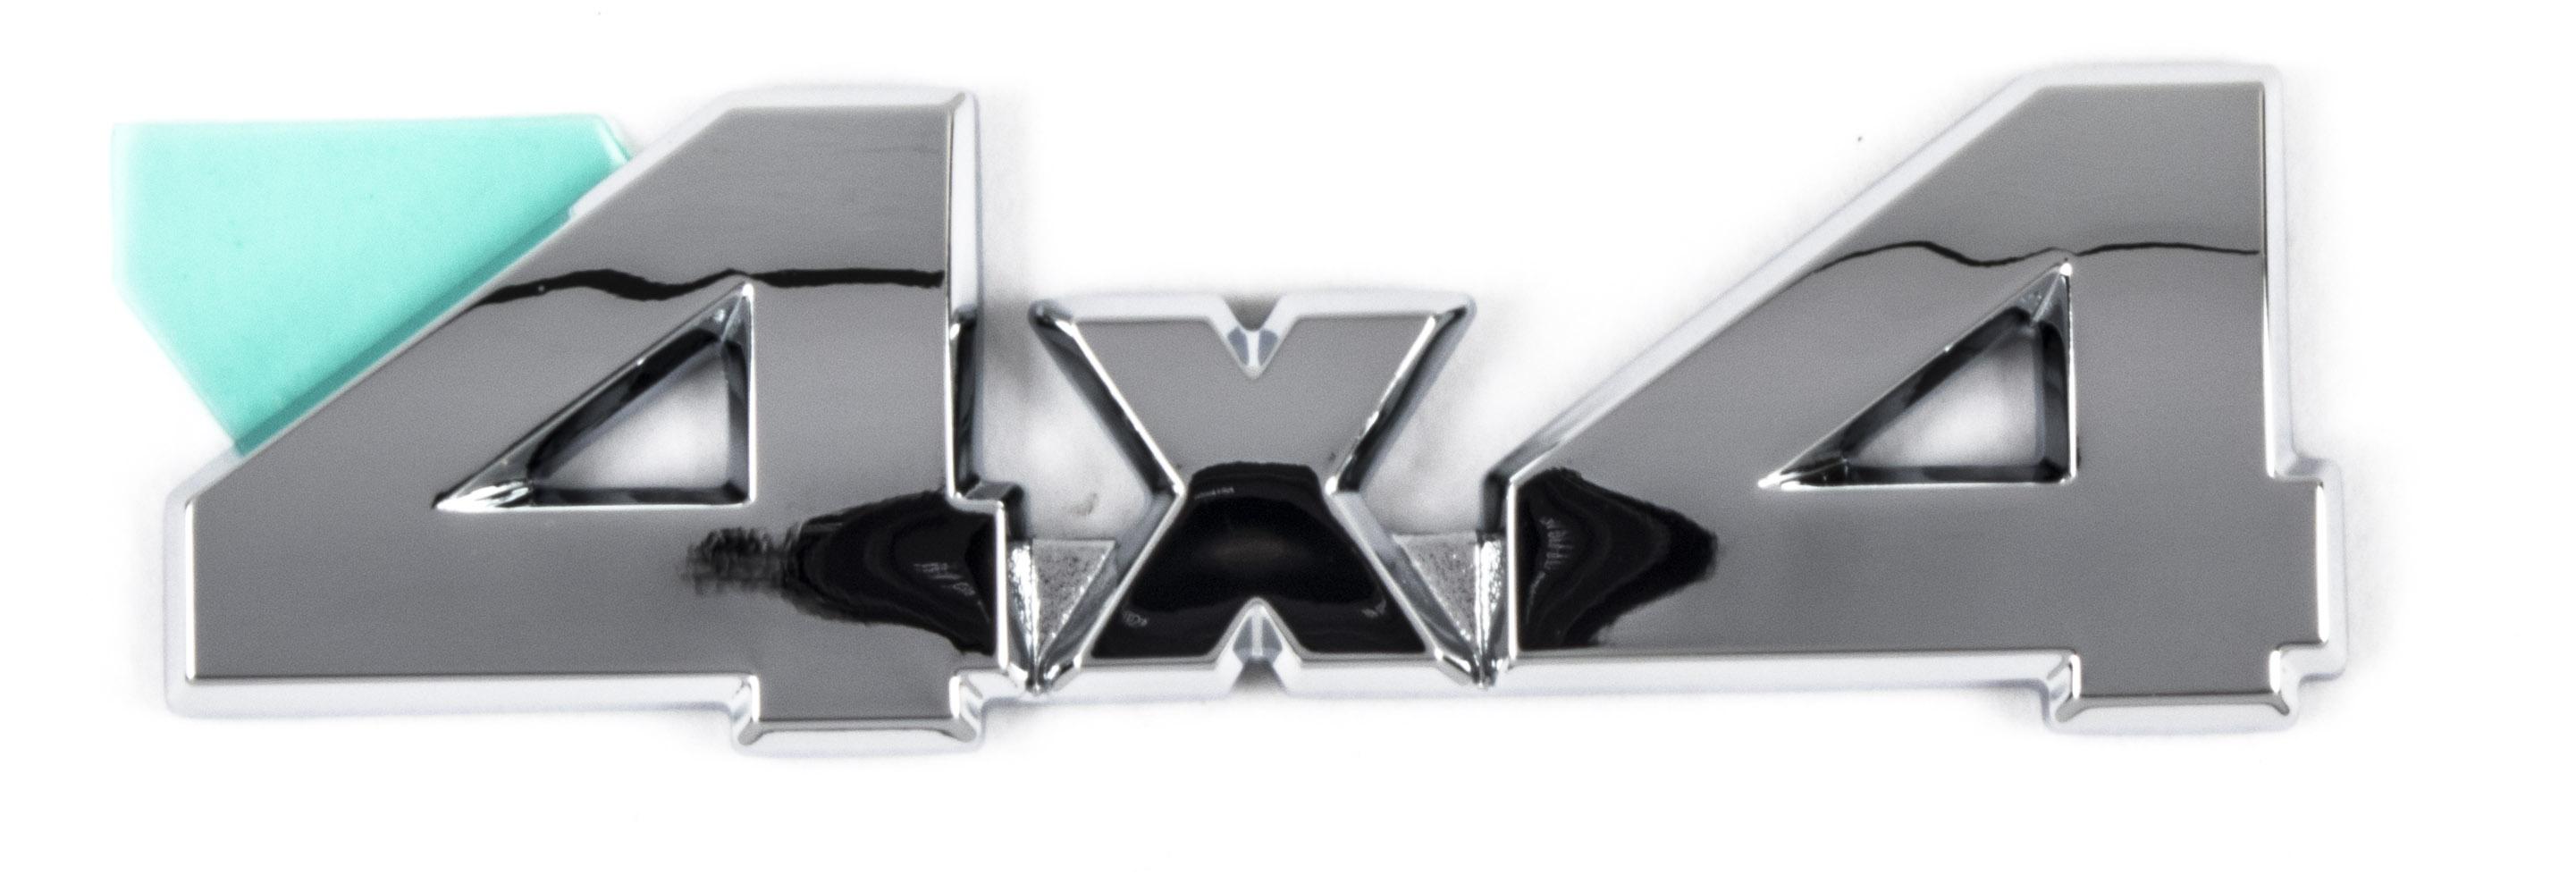 Details about genuine suzuki emblem 4x4 chrome ignis rg413 77860 80g00 0pg badge sticker logo